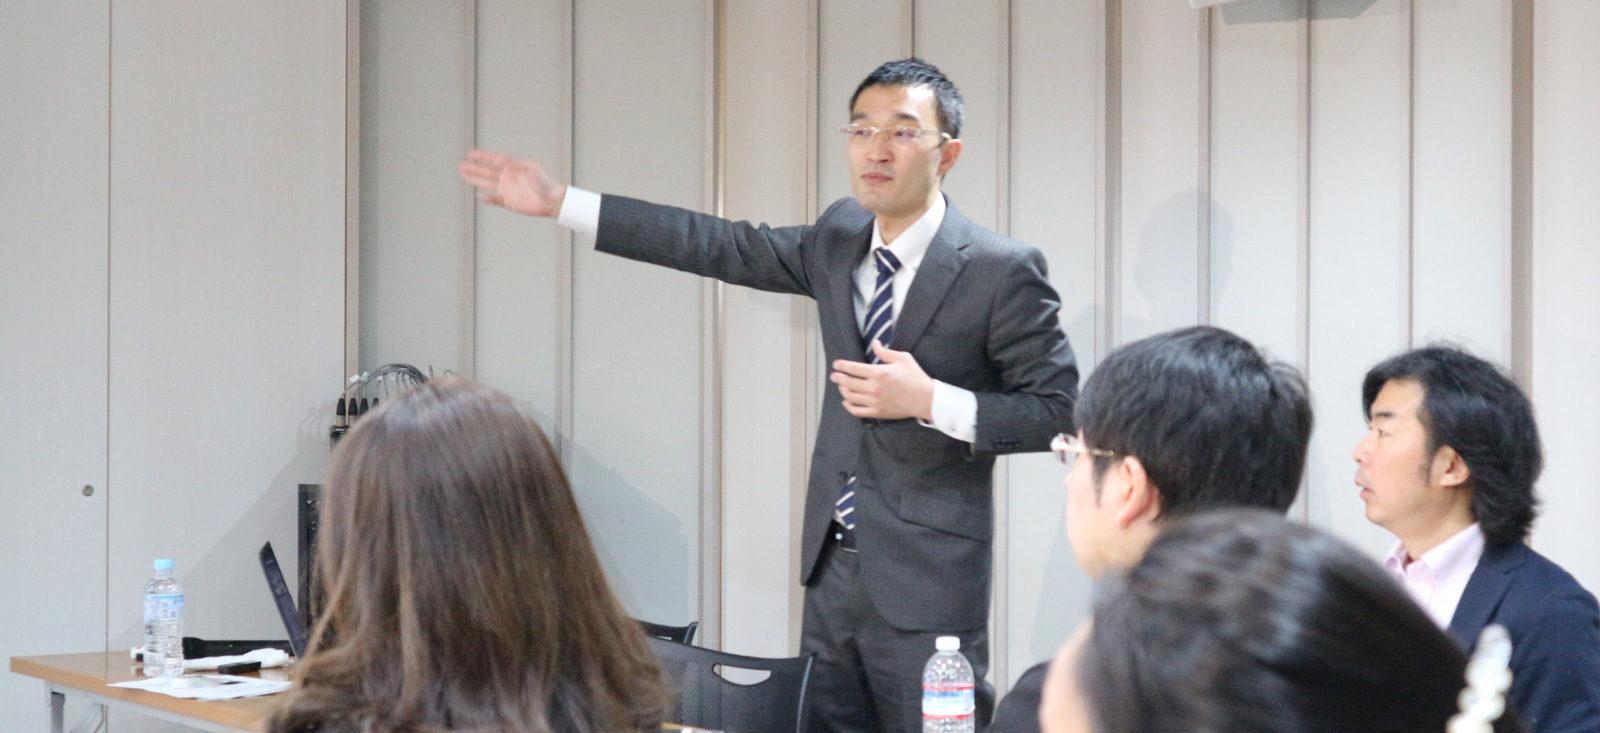 これだけはやろう!音楽教室のWeb対策! ~ 大内孝夫先生「生徒が集まる!音楽教室作り」セミナーにて